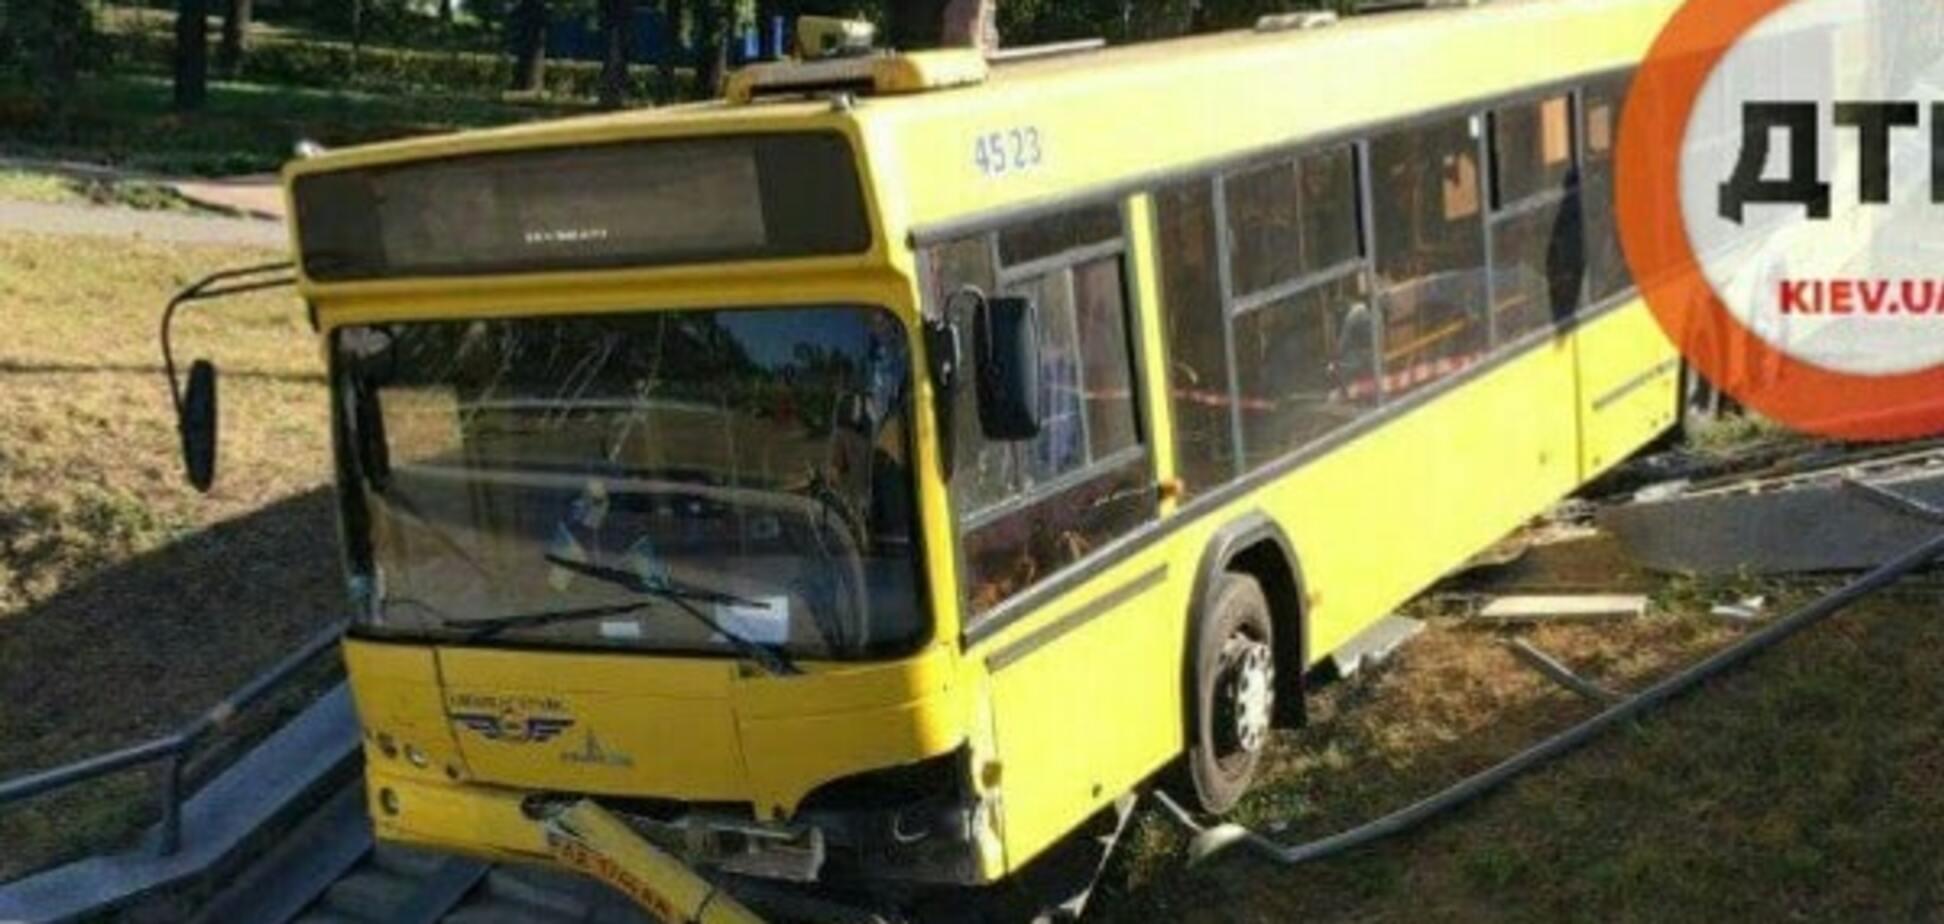 Масштабное ДТП в Киеве: автобус с пассажирами вылетел с дороги. Опубликованы фото